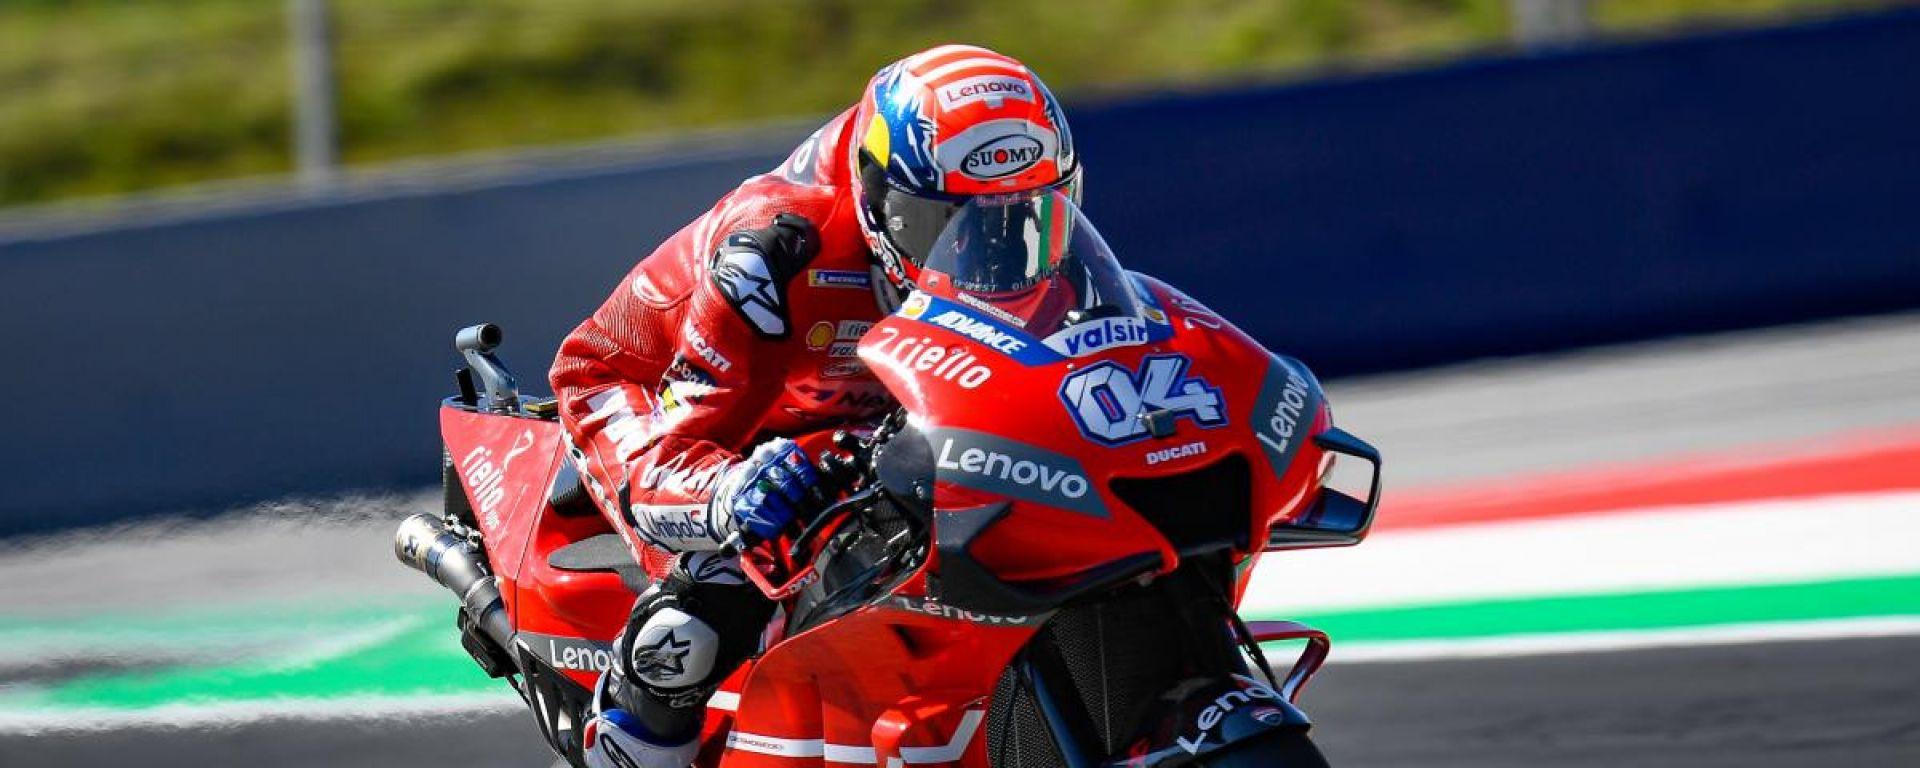 MotoGP Austria 2019, Spielberg: Andrea Dovizioso (Ducati) è il più rapido al termine delle FP1